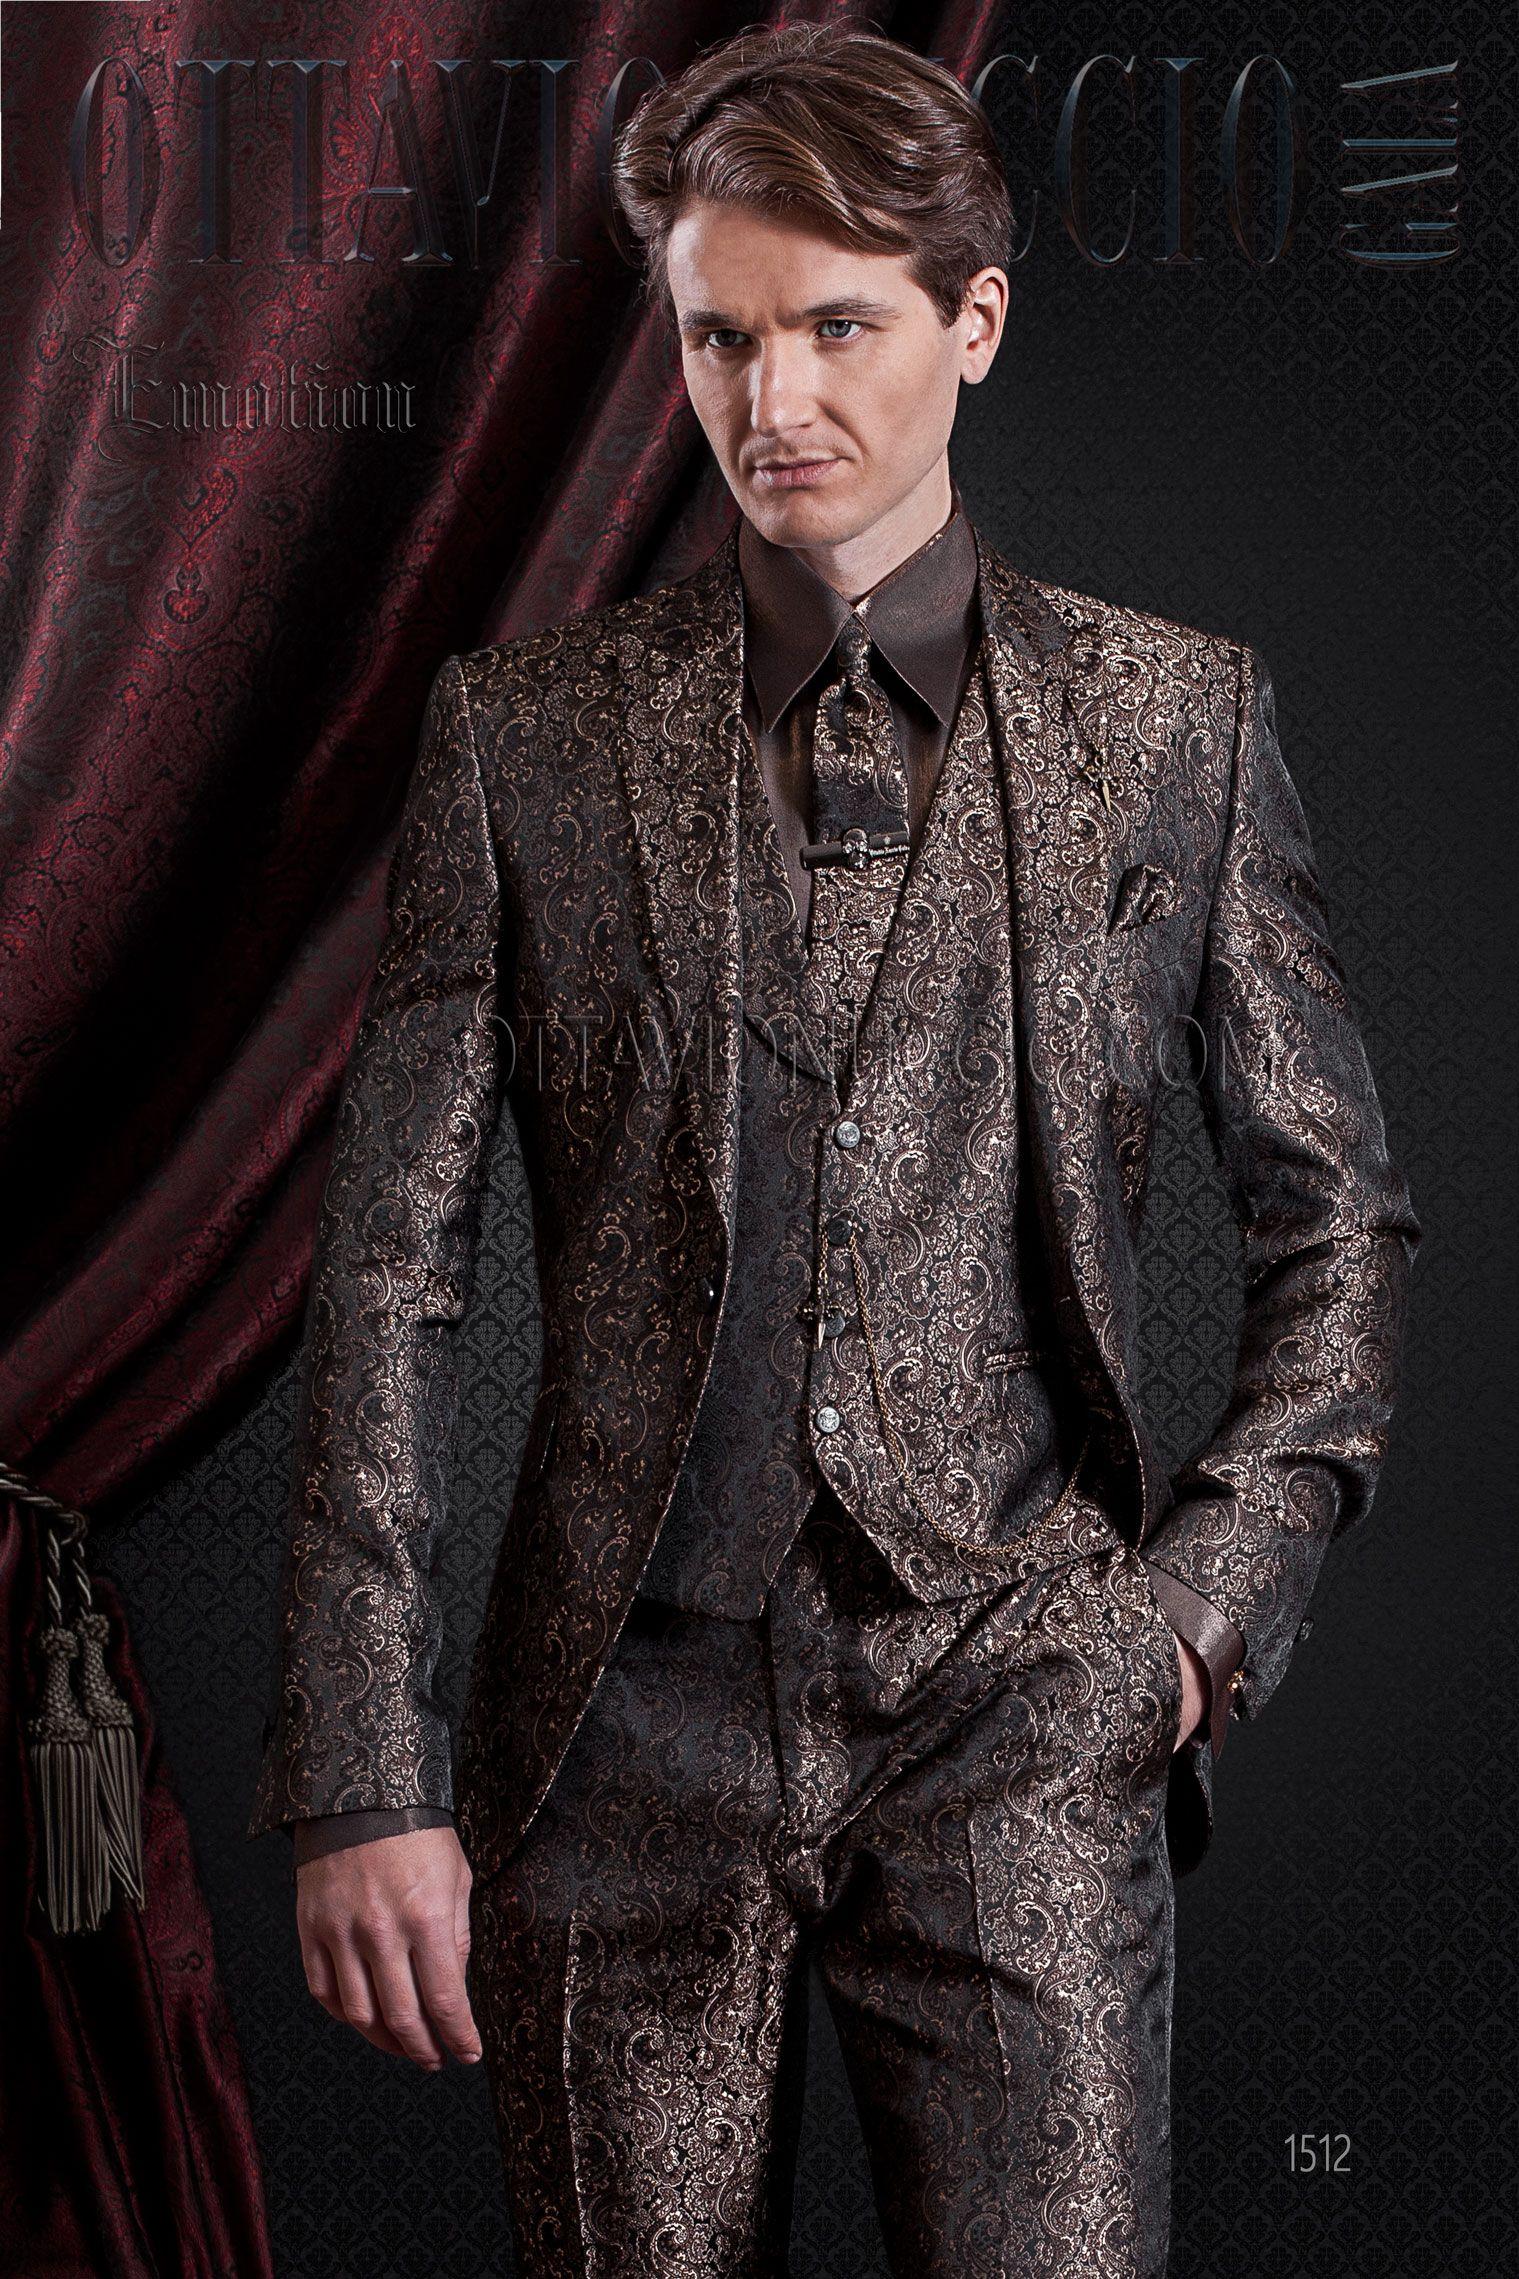 Abito cerimonia uomo damascato marrone con gilet a tono  groom  tuxedo   italian  wedding eae68edcaba